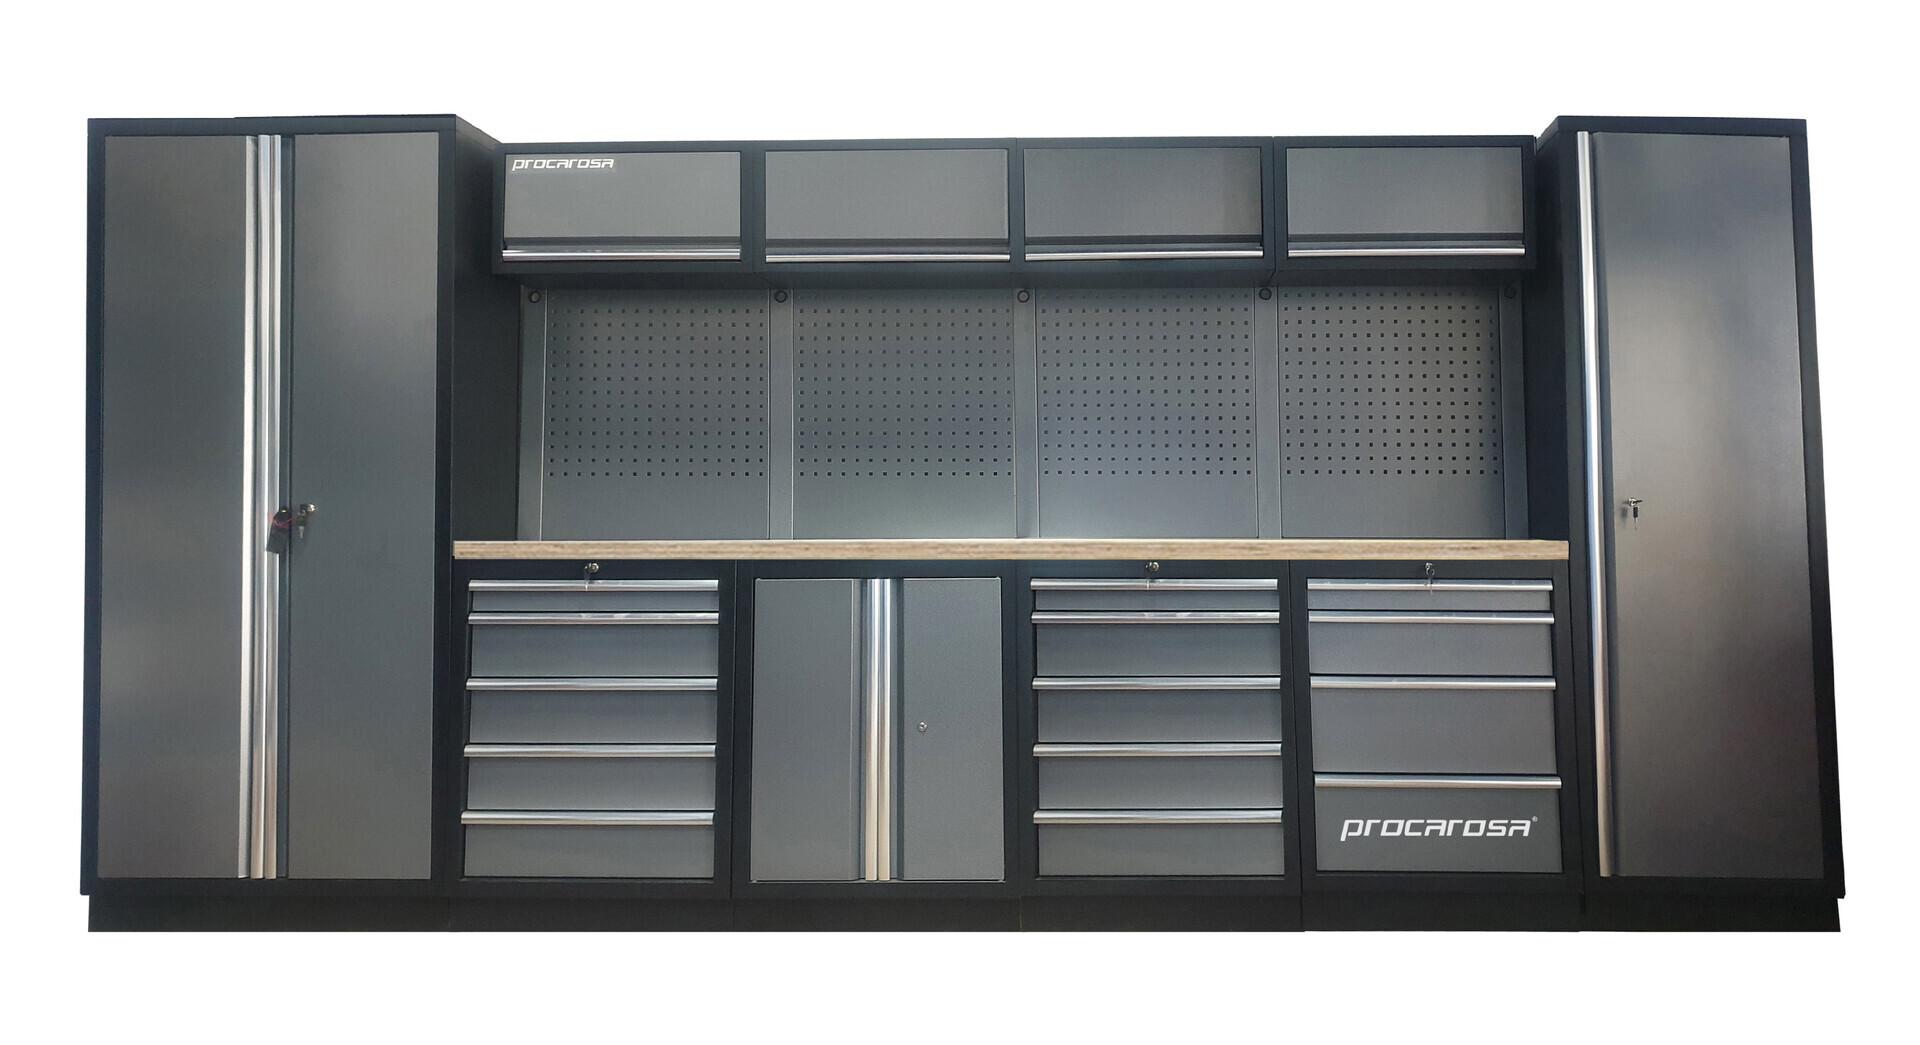 Sestava dílenského nábytku Procarosa PROFESSIONAL XL-6 Pracovní deska: dřevěná, Hmotnost: